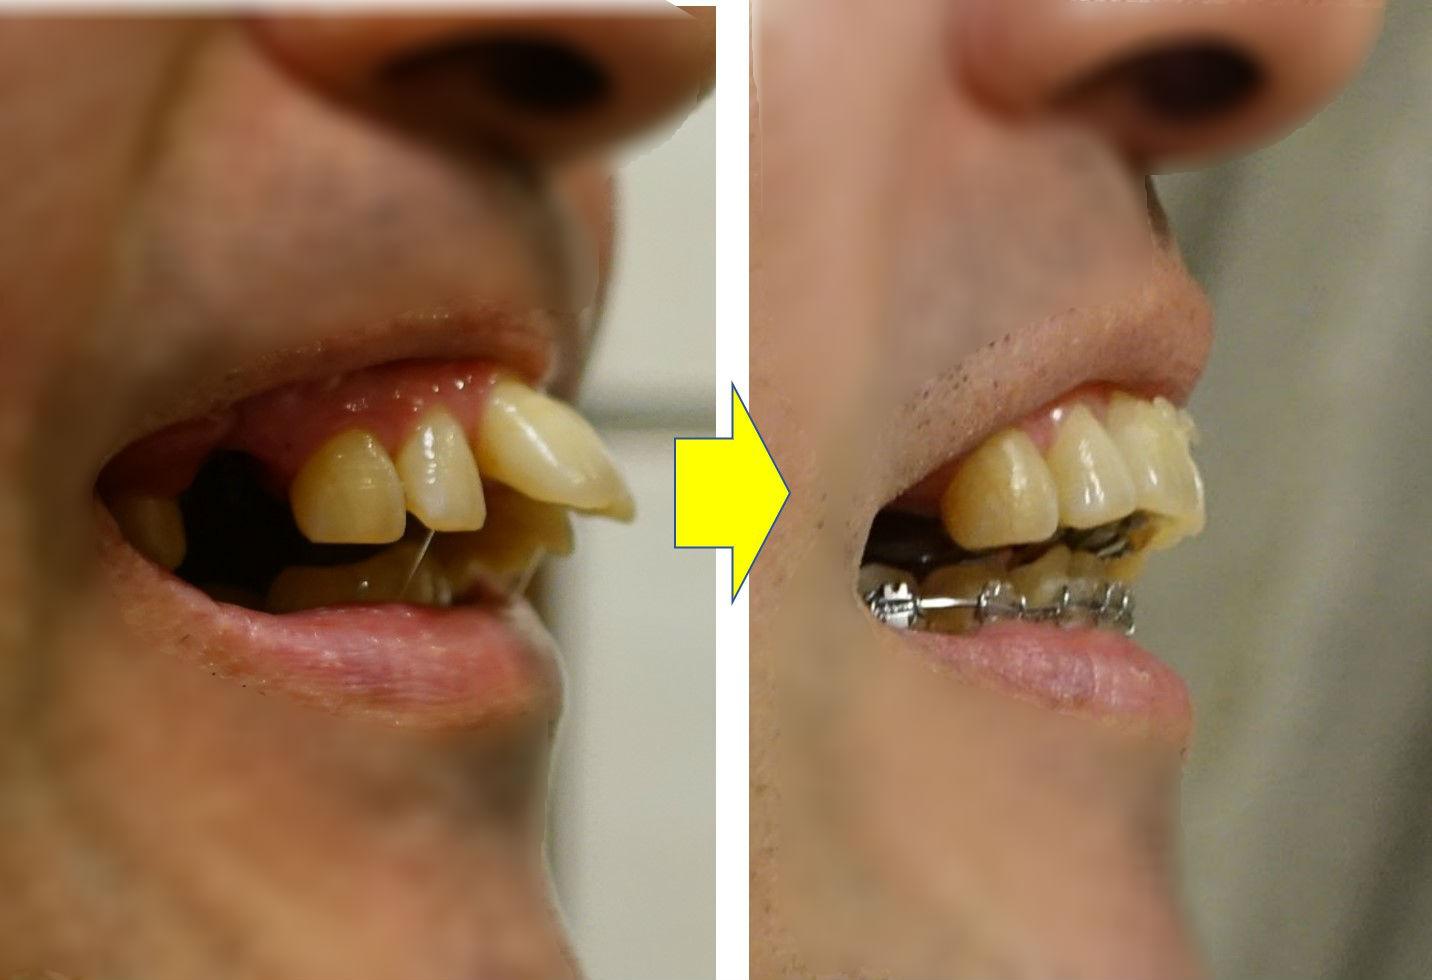 矯正歯科 8か月目 上顎切歯 側面比較EC